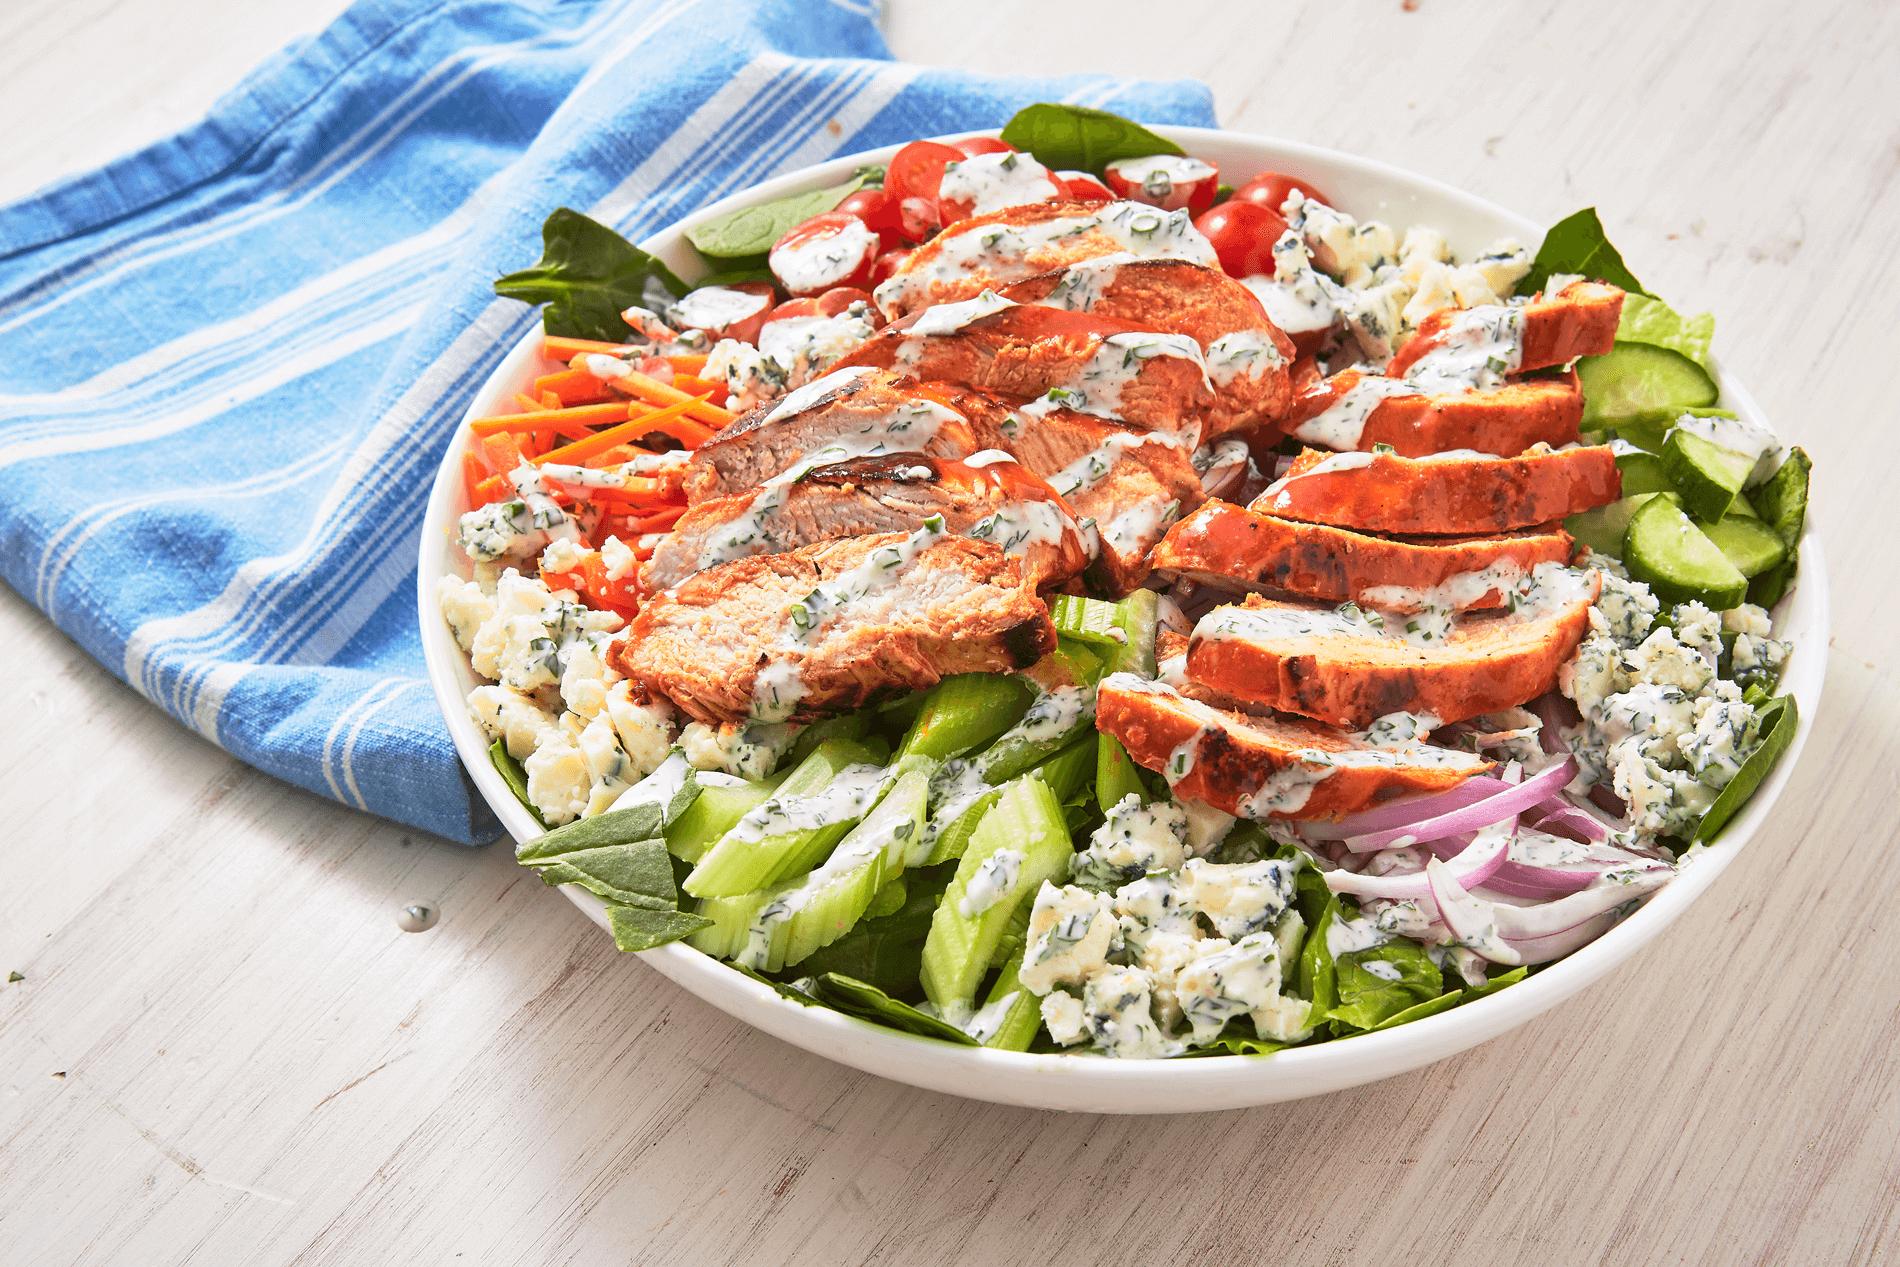 Công thức salad giảm cân với ức gà và sữa chua